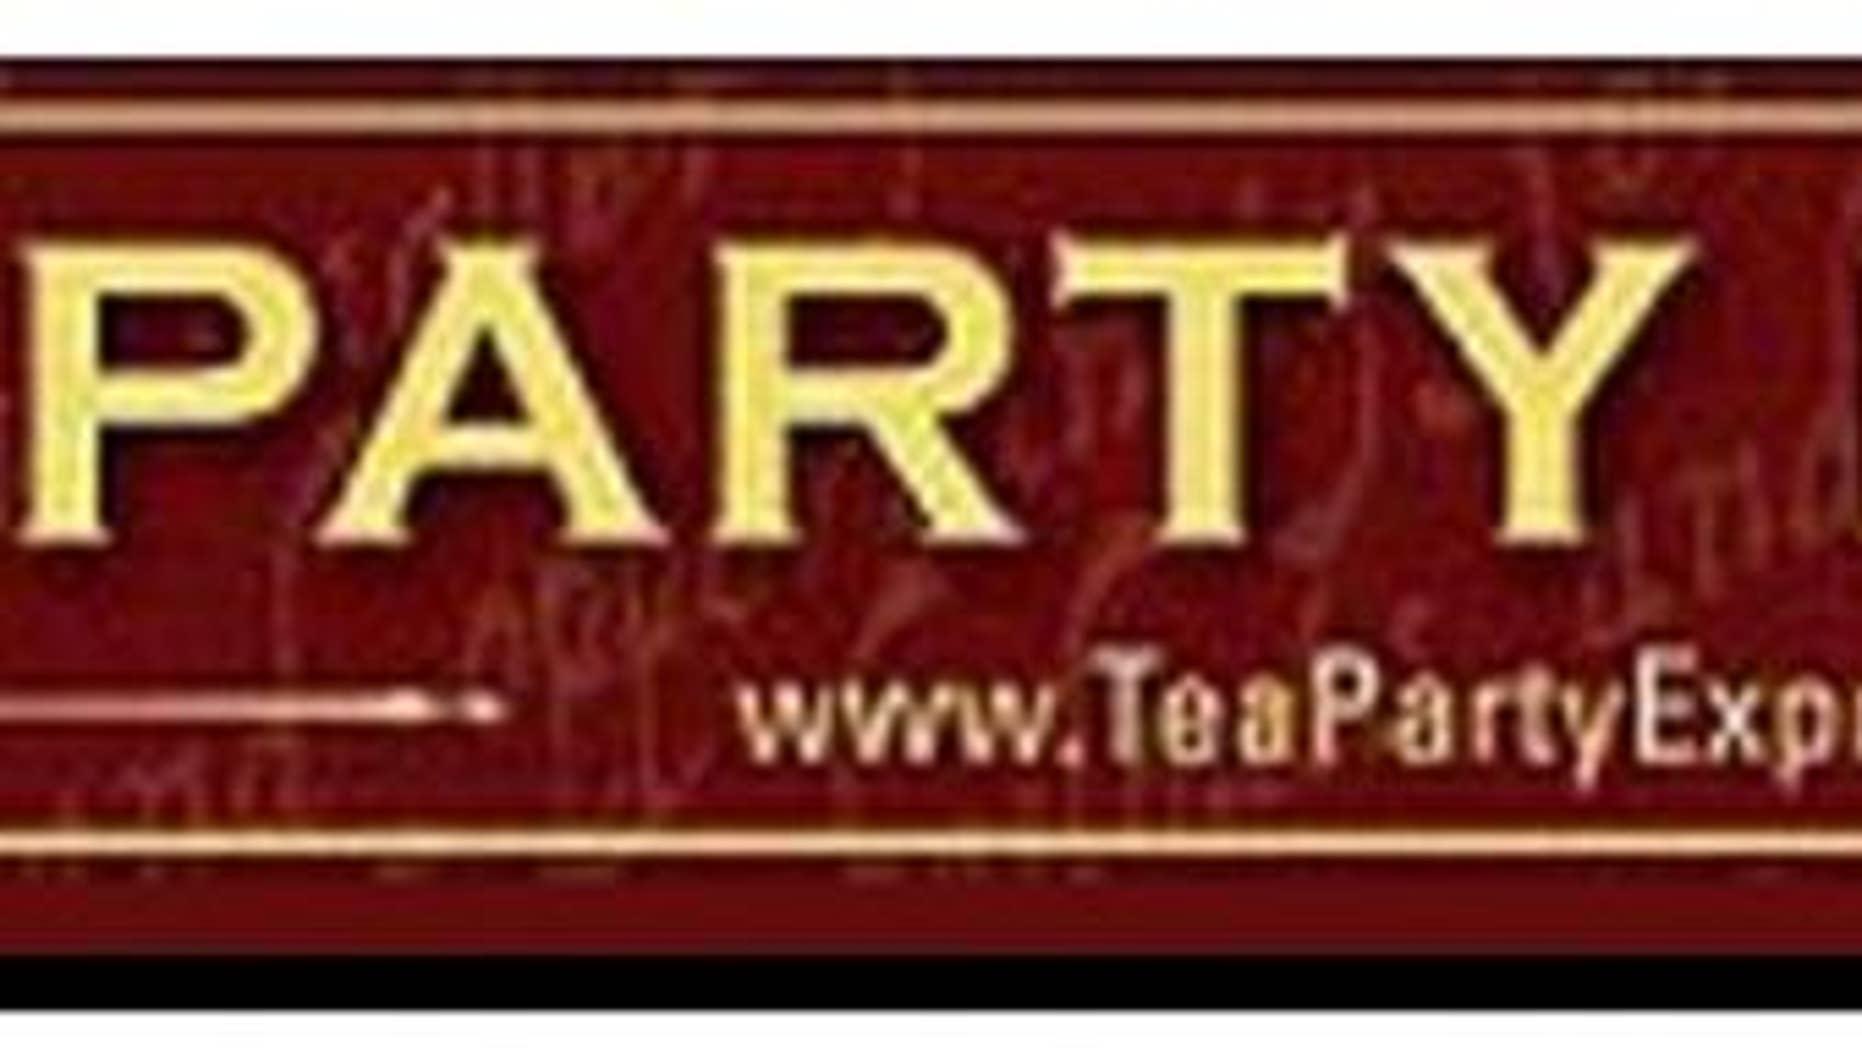 Tea Party Express logo